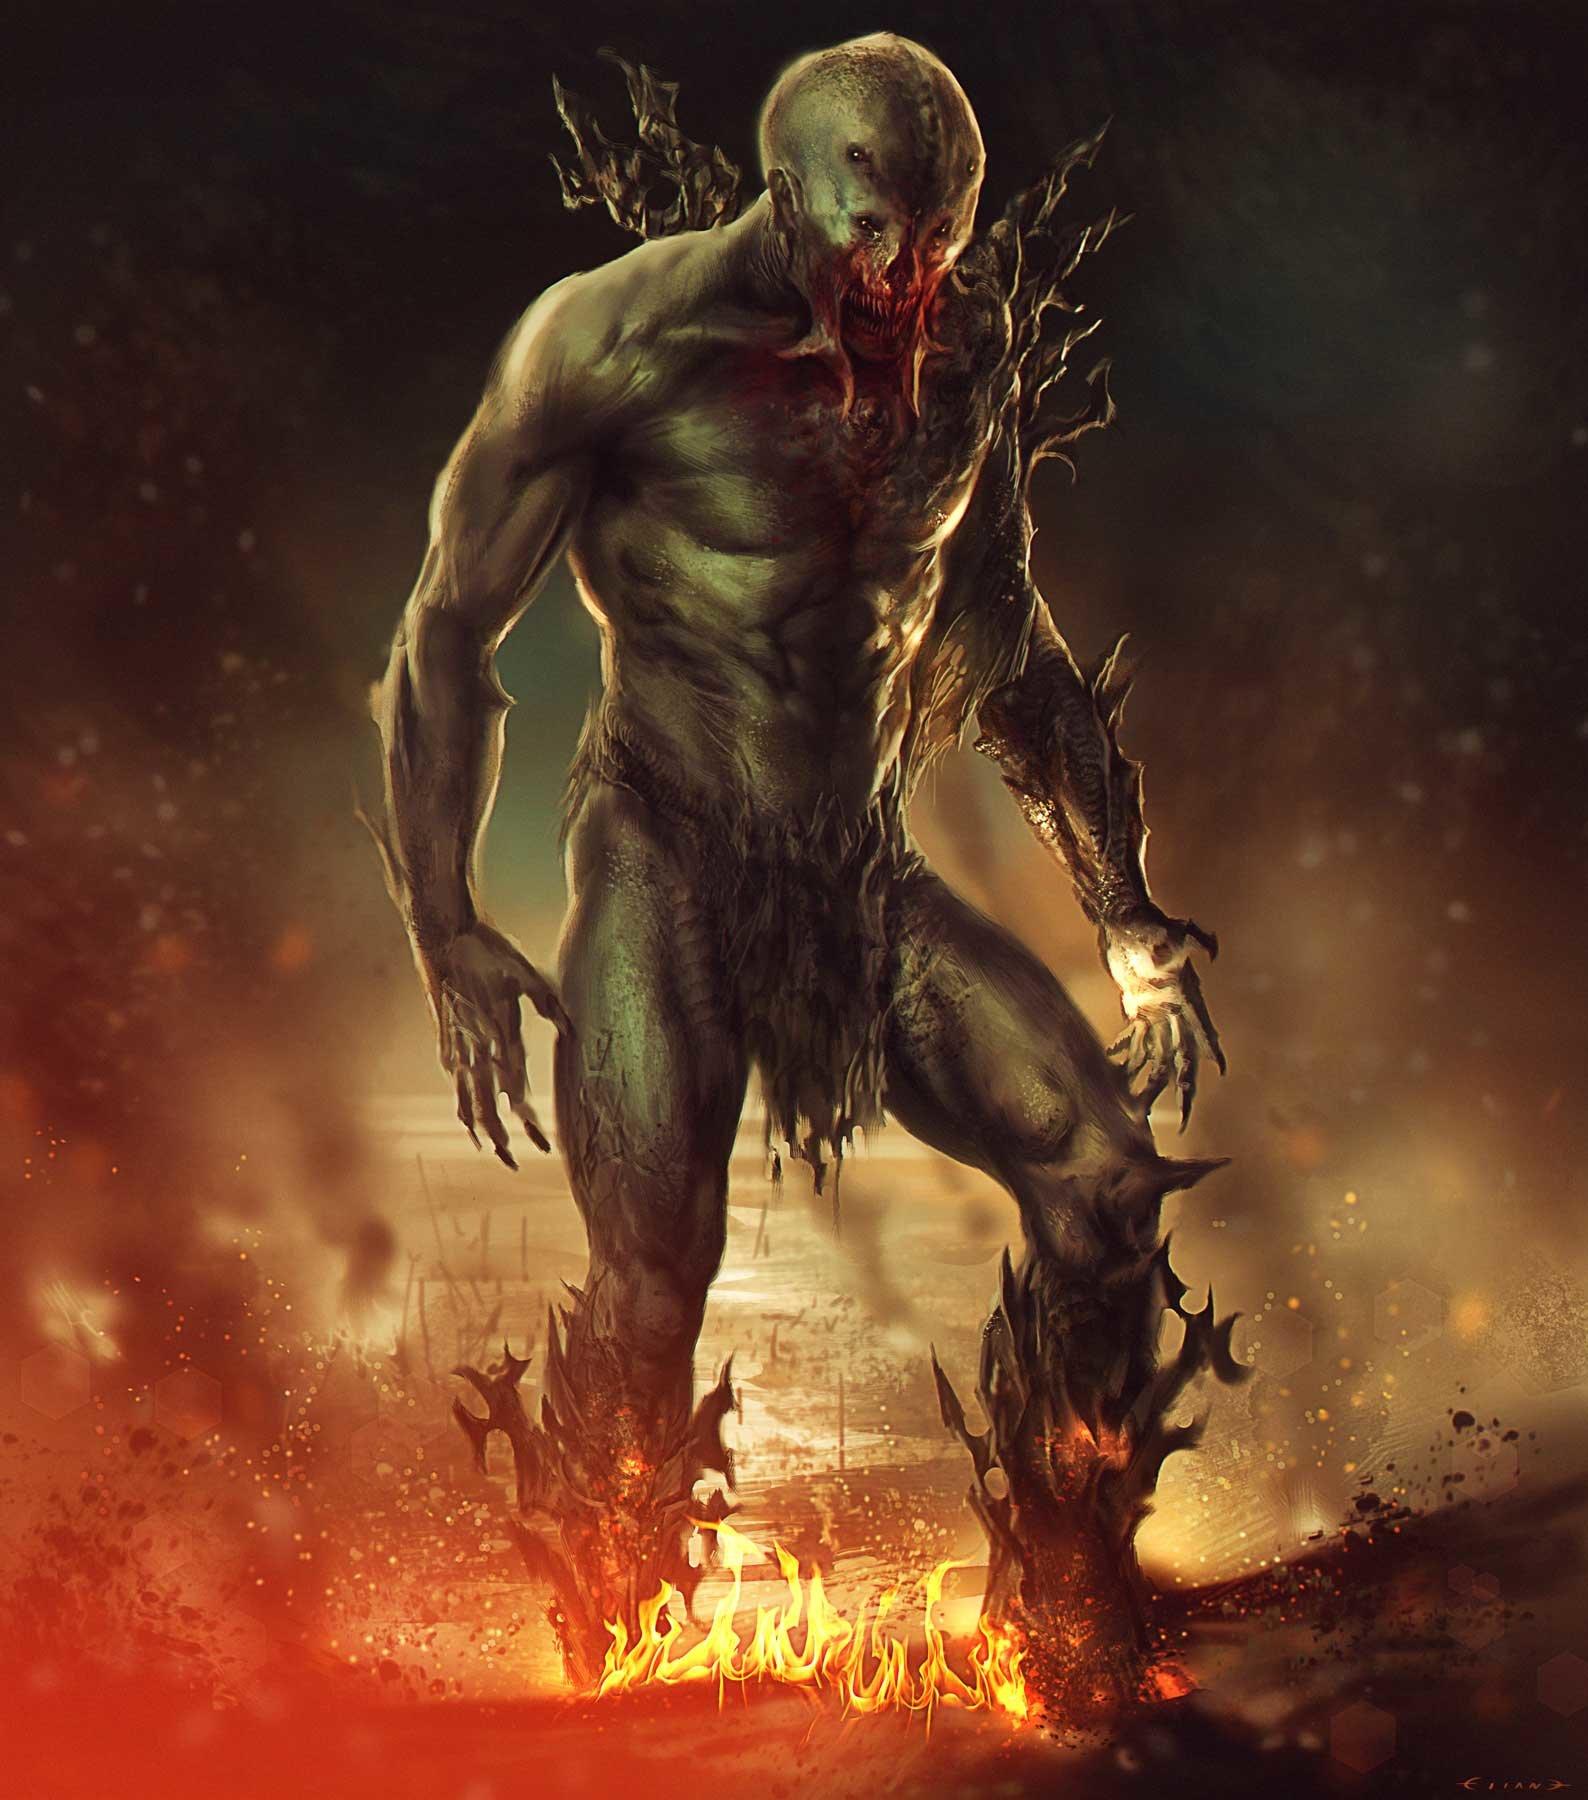 Eliant elias necromancer character